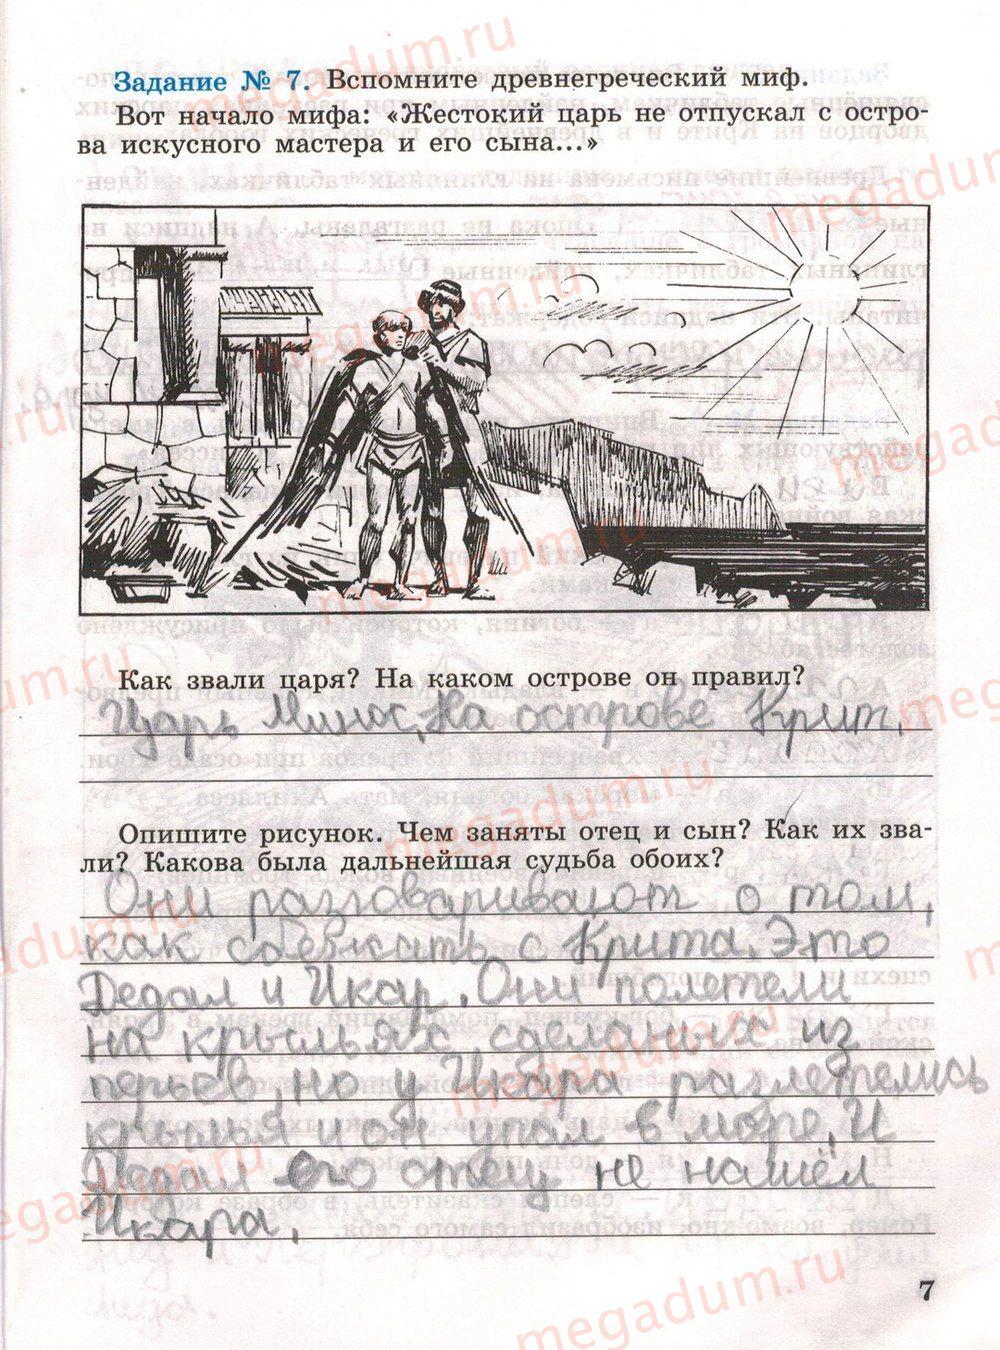 Гдз по истории 5 класс годер рабочая тетрадь часть1 ответы